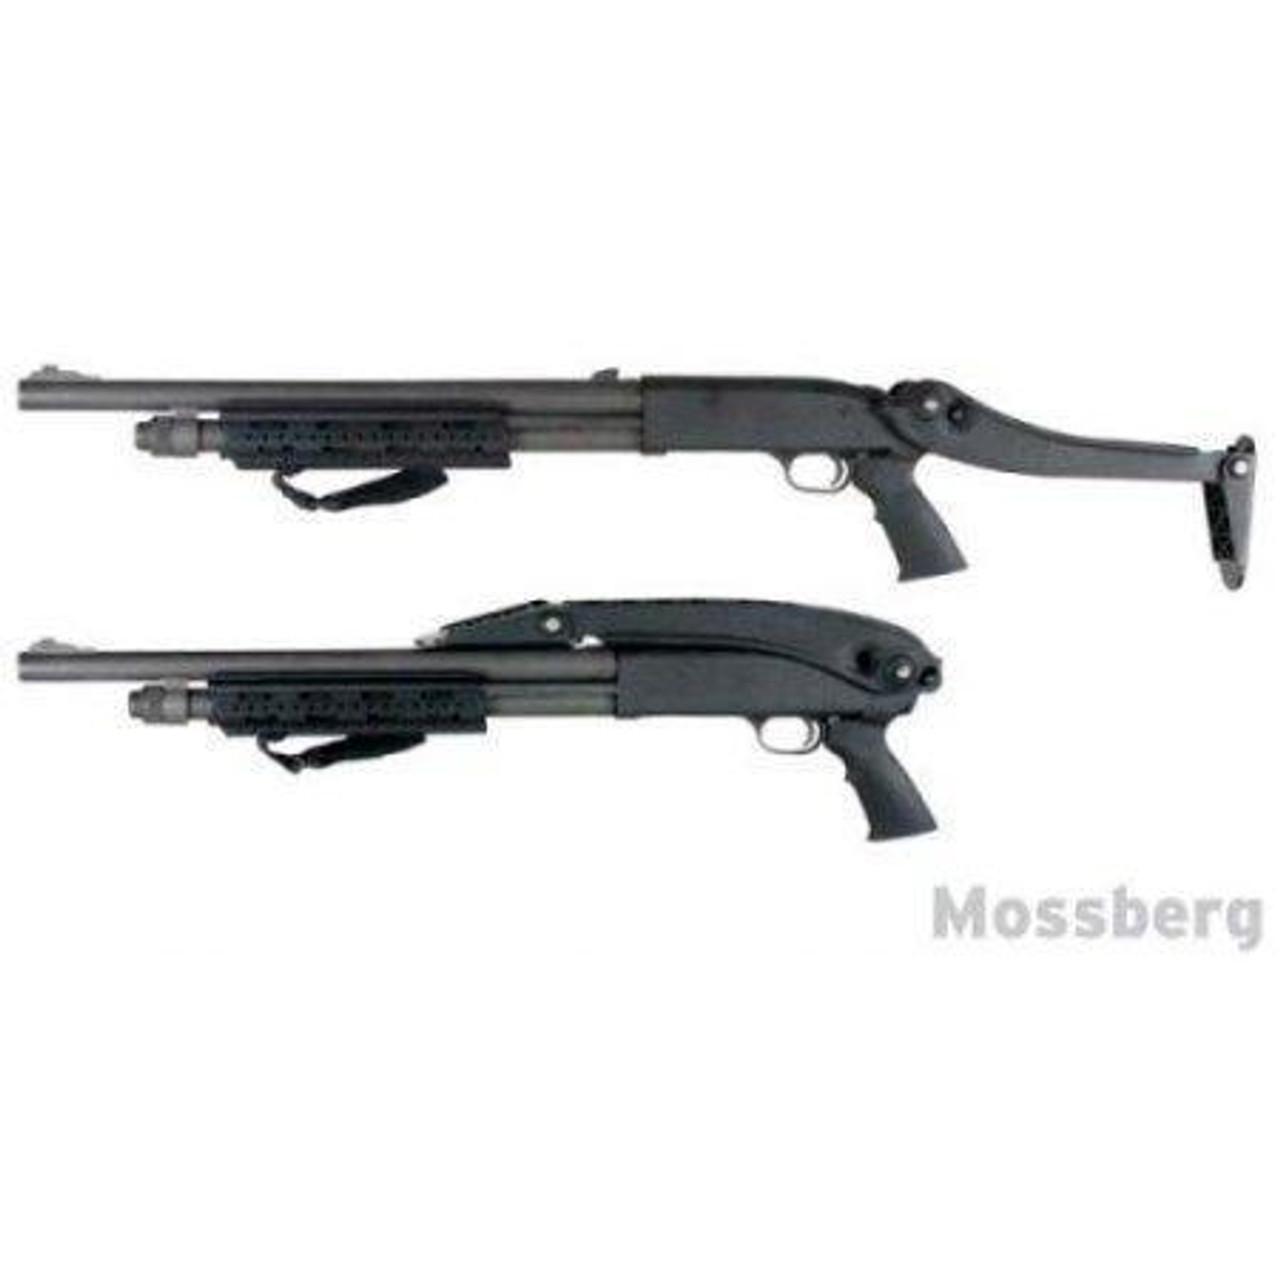 ATI Shotforce Universal Top-Folding Shotgun Stock, Polymer, Matte Black